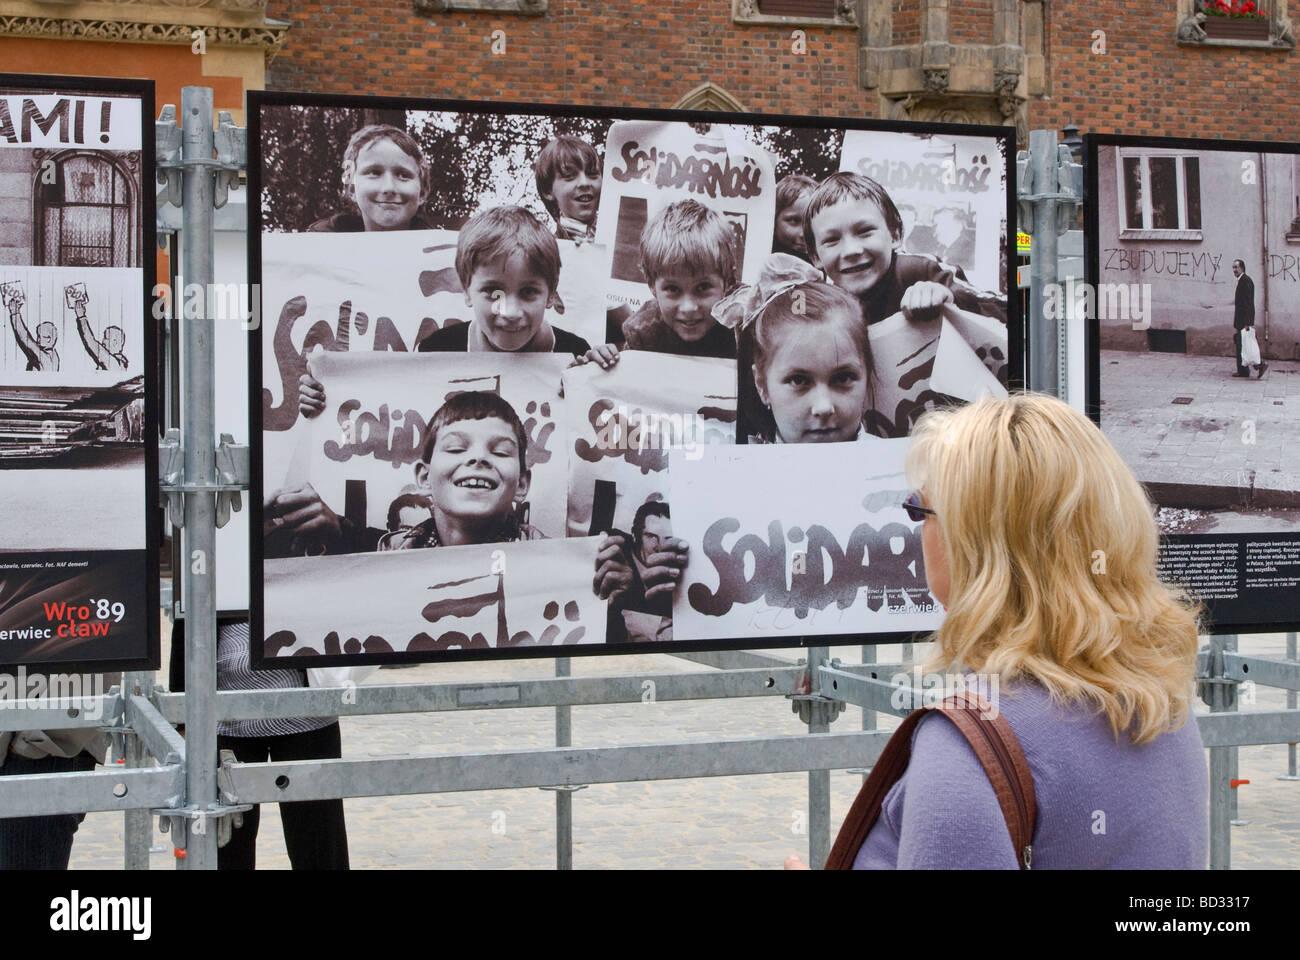 I bambini con segni di solidarietà nella foto storiche, Wrocław giugno 1989, il crollo del comunismo, visualizzato Immagini Stock